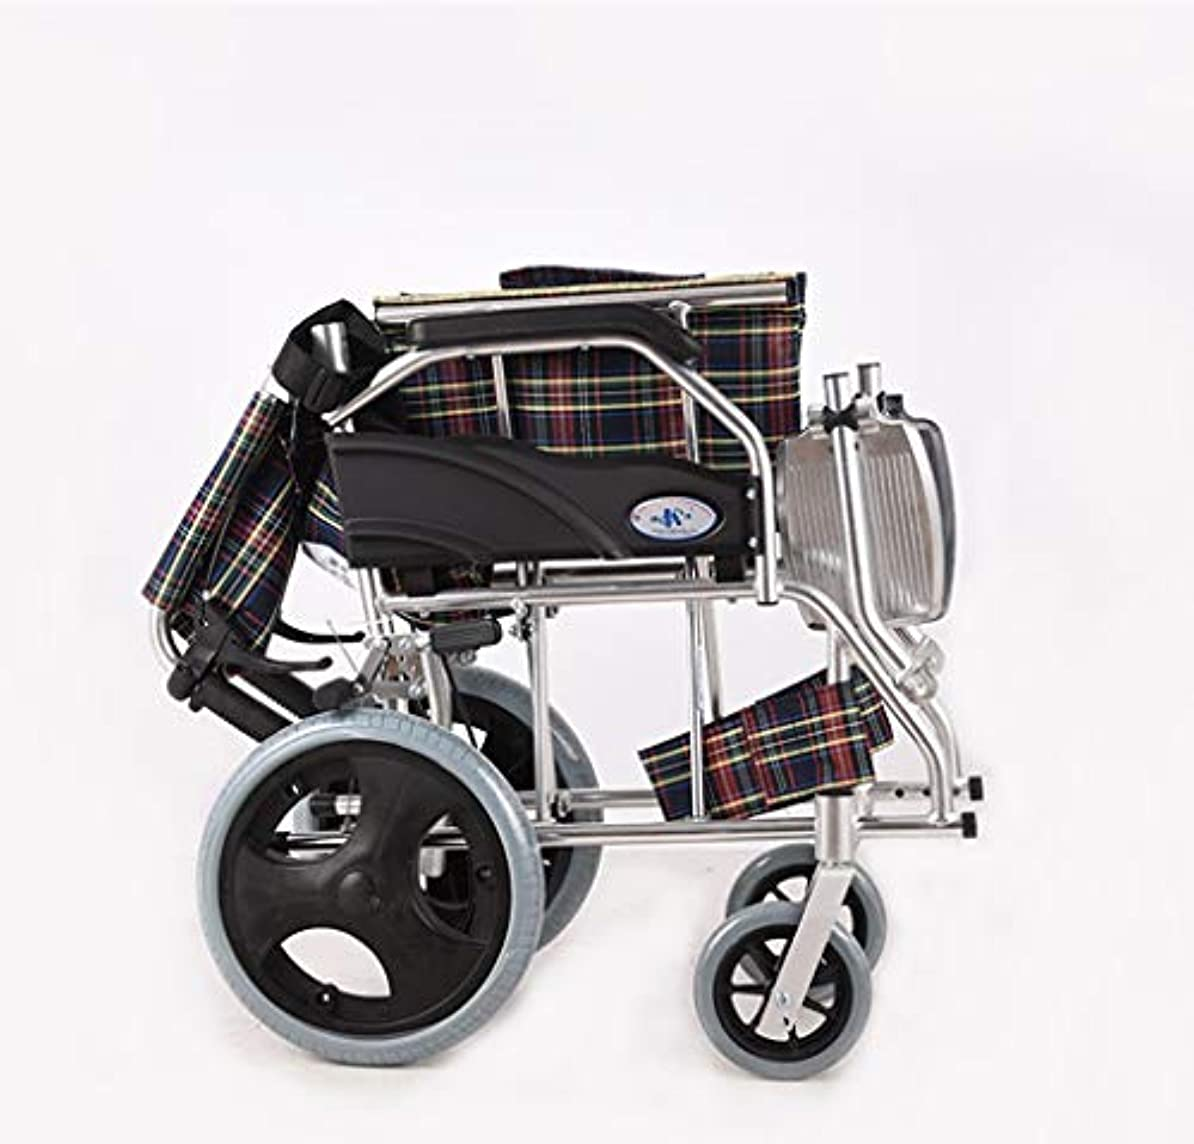 ポット慎重彼らの車椅子折りたたみ式、障害者用スクーター、高齢者屋外旅行車椅子トロリー